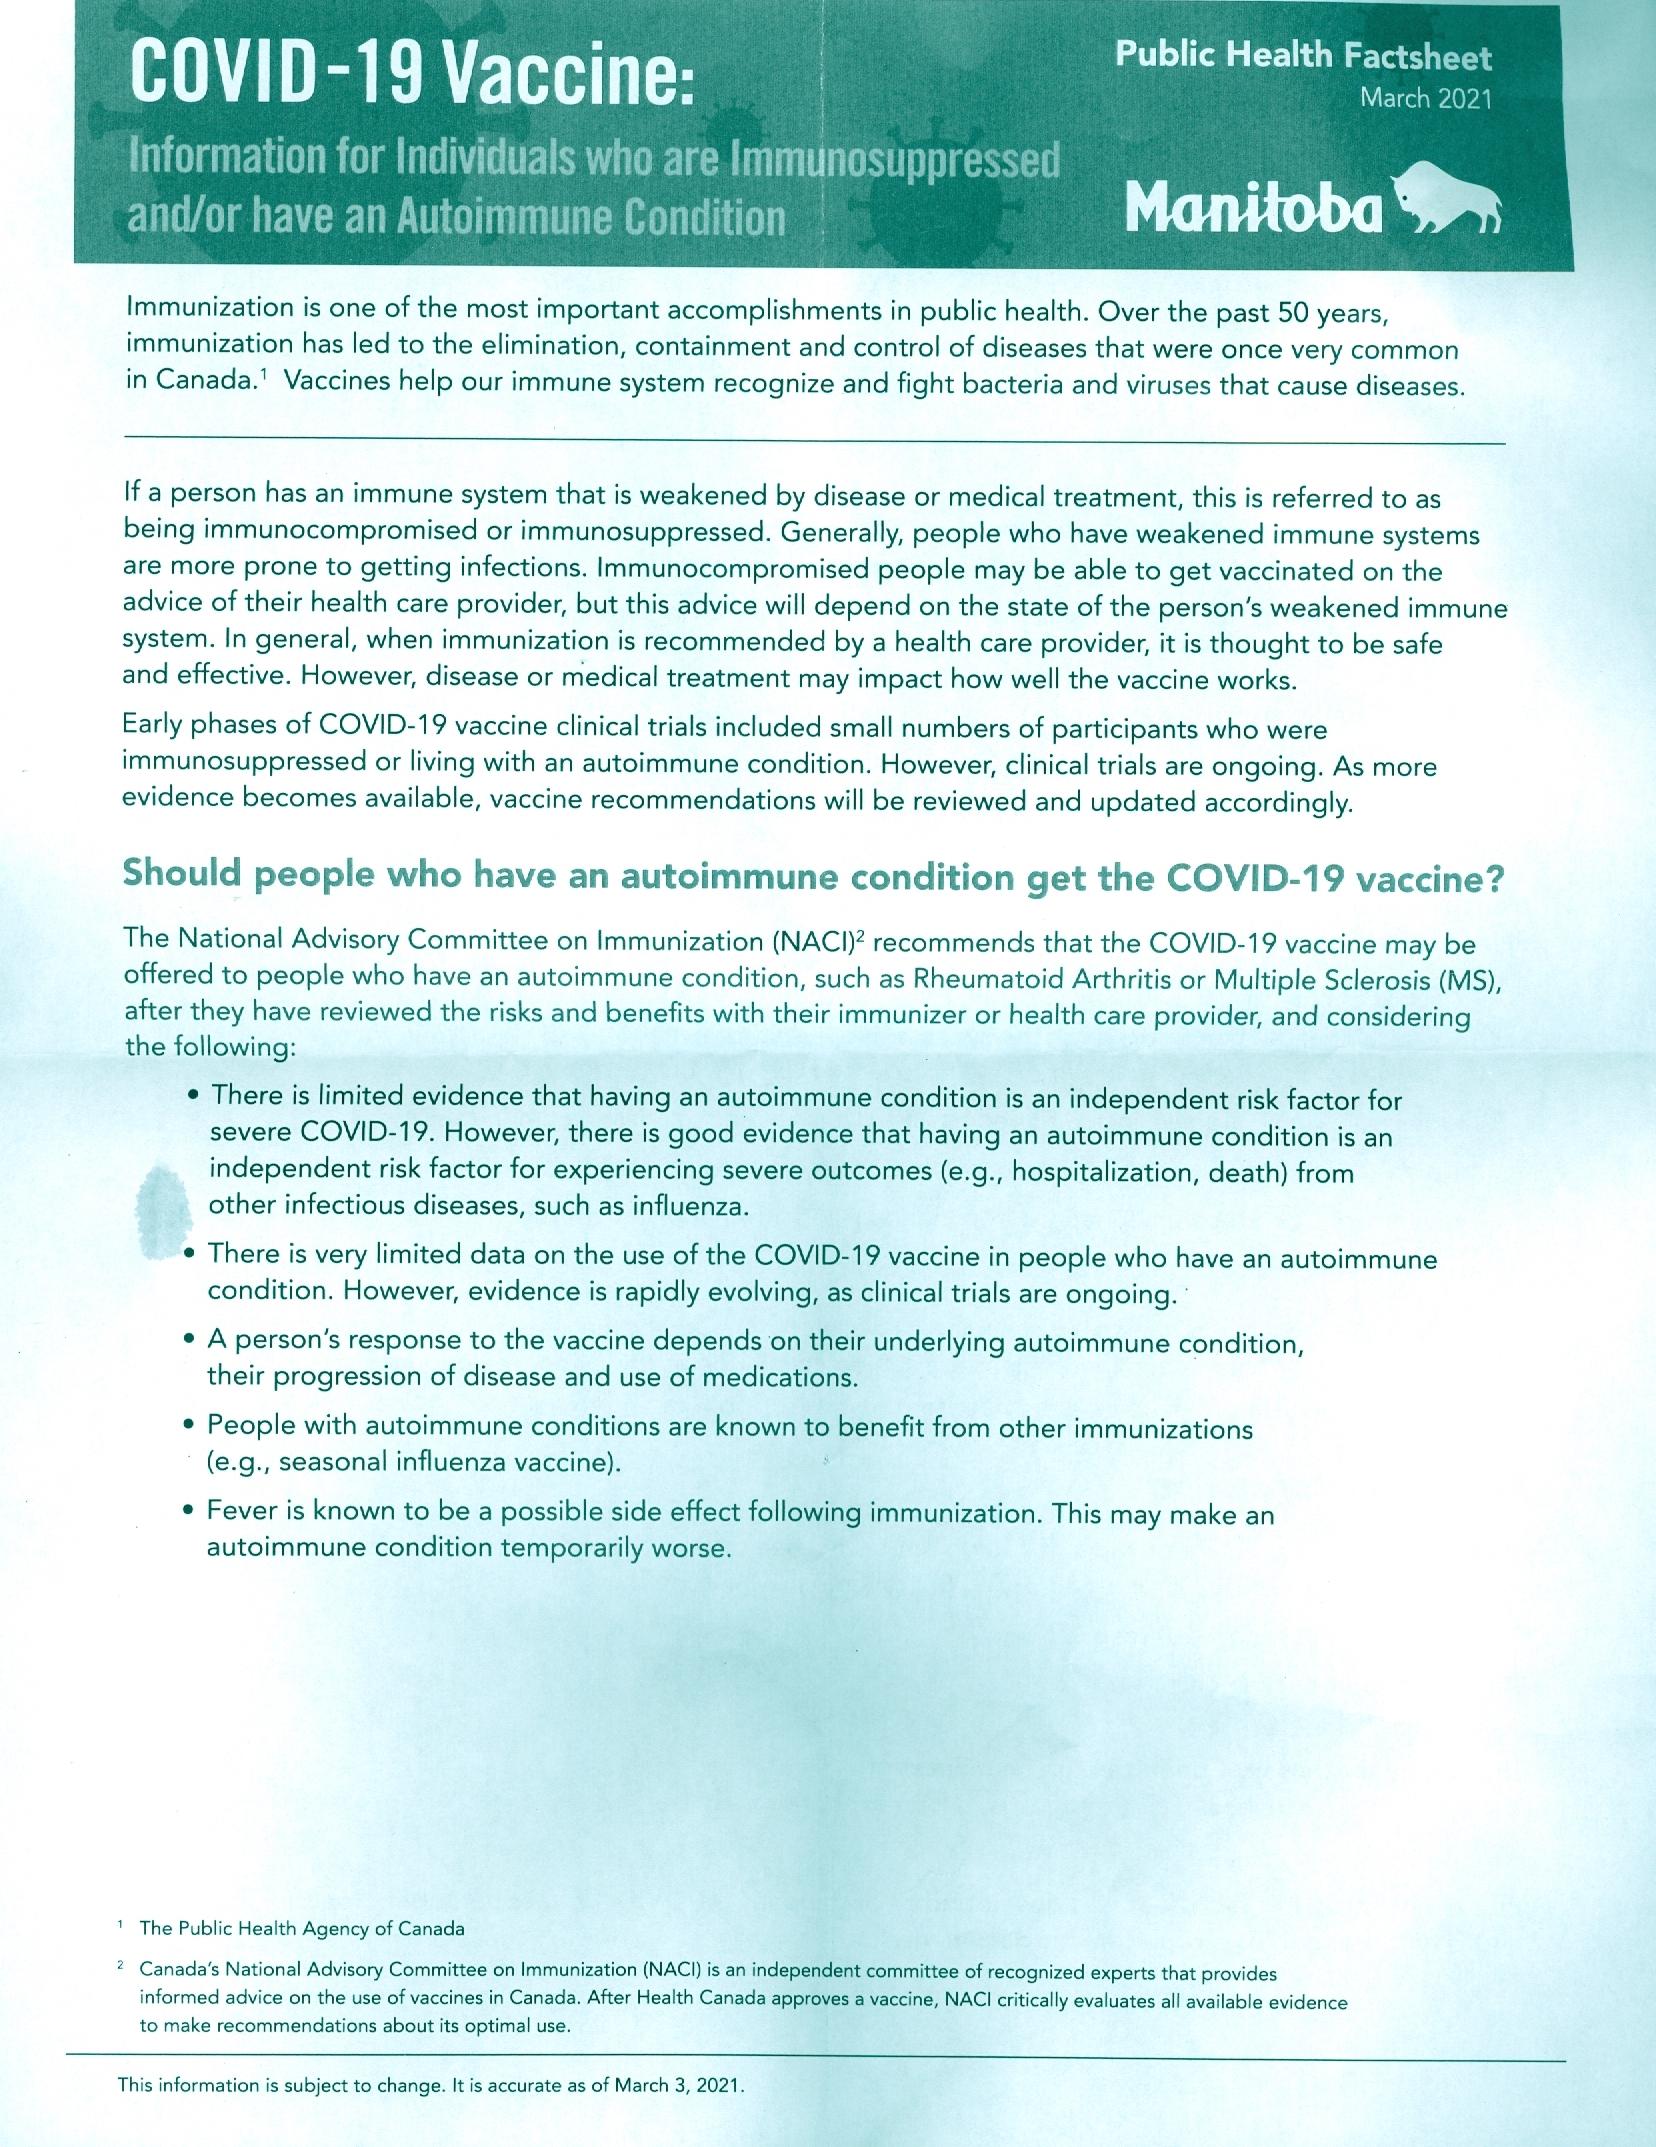 Vaccineinformation